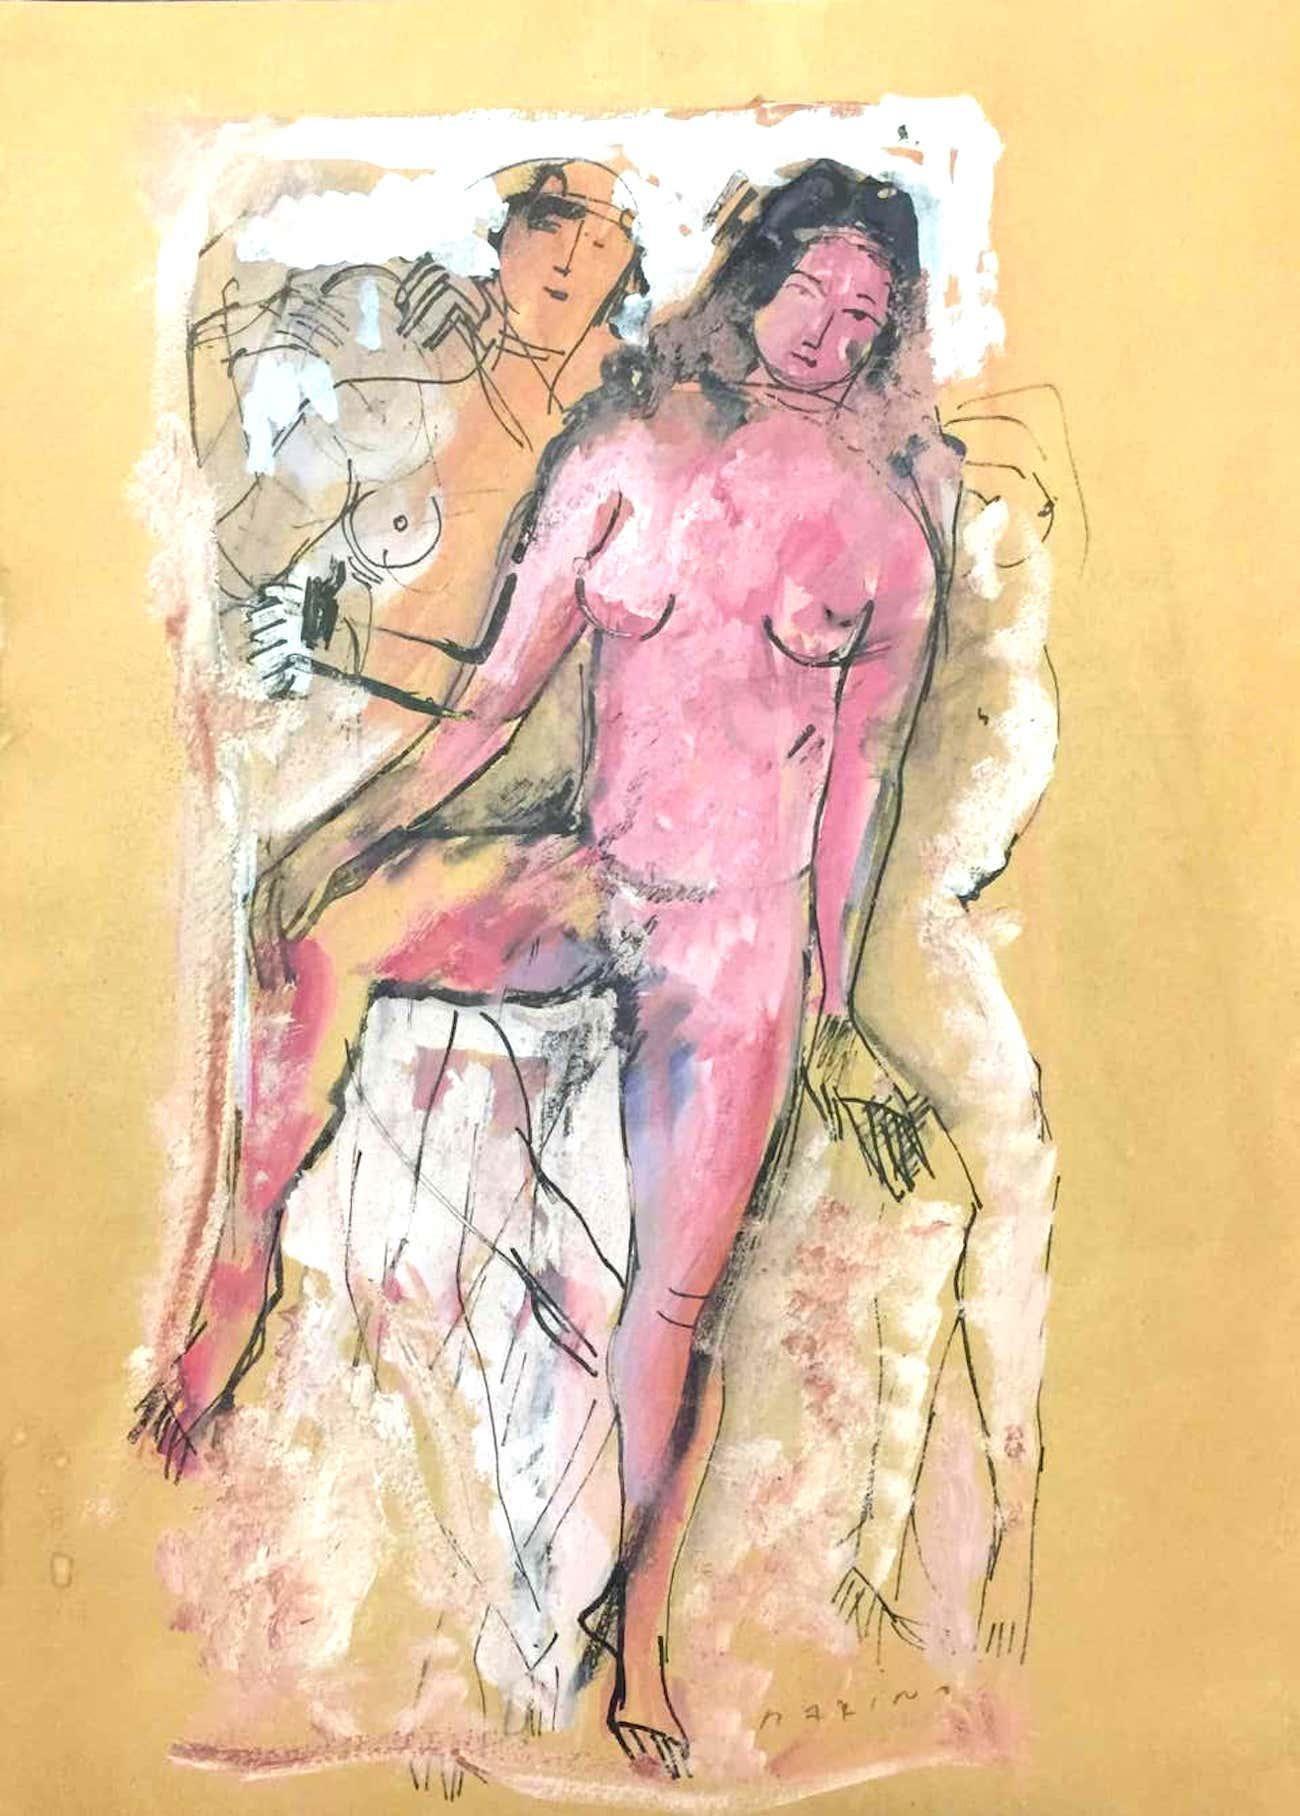 Nude of Woman - Original Mixed Media by Marino Marini - 1930s